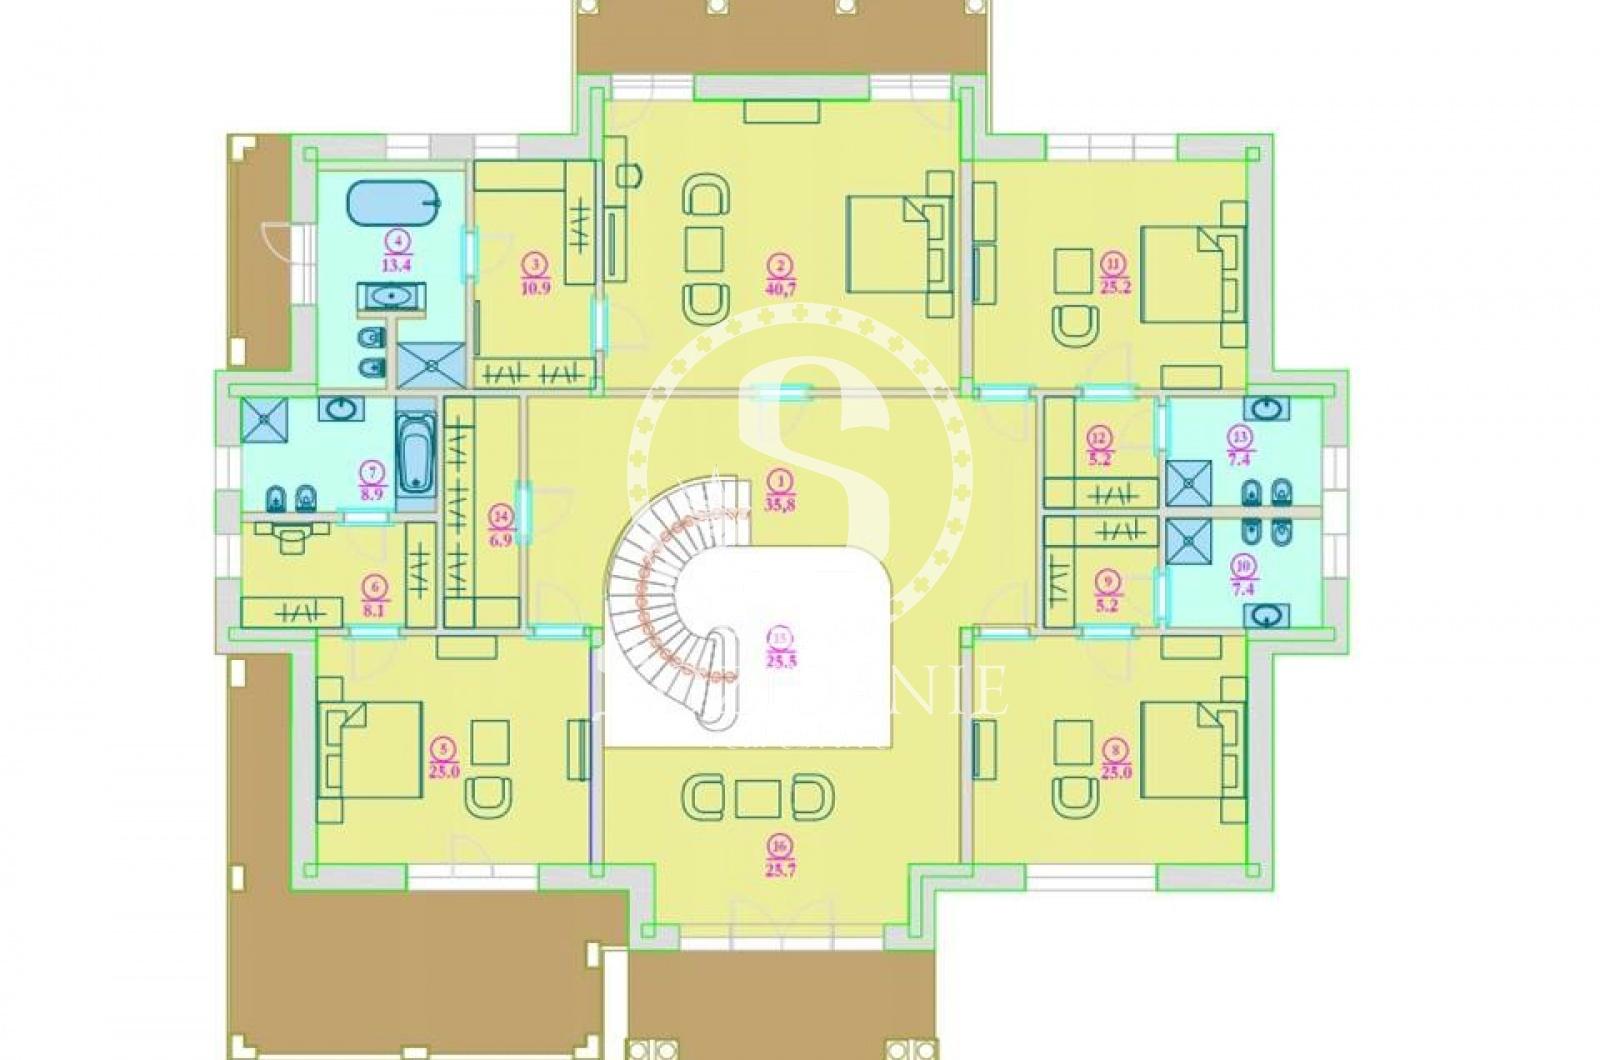 4 Bedrooms, Загородная, Продажа, Listing ID 2701, Московская область, Россия,